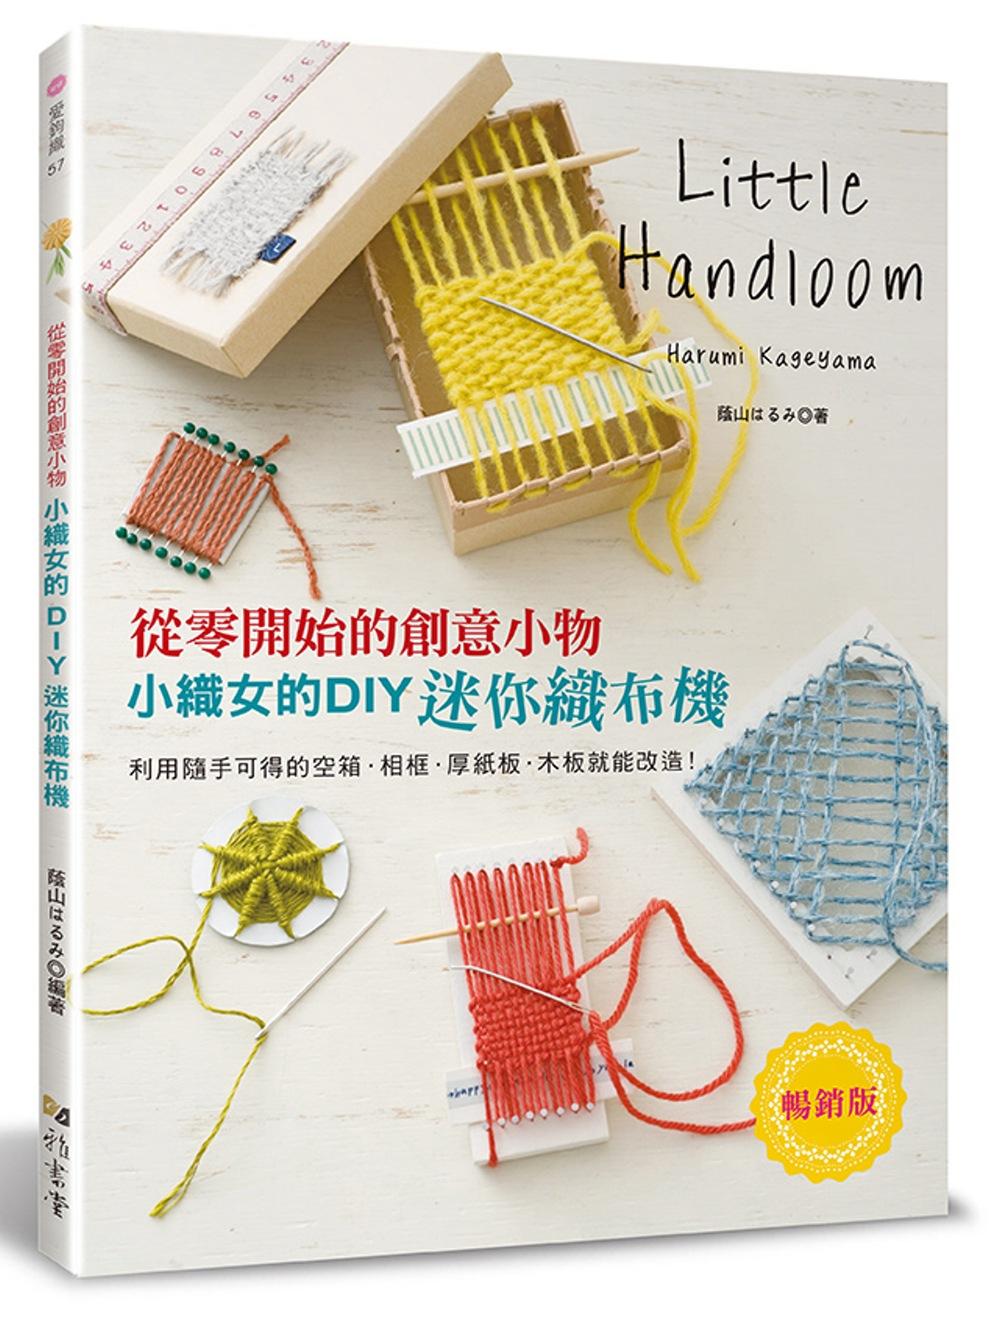 小織女的DIY迷你織布機:從零...